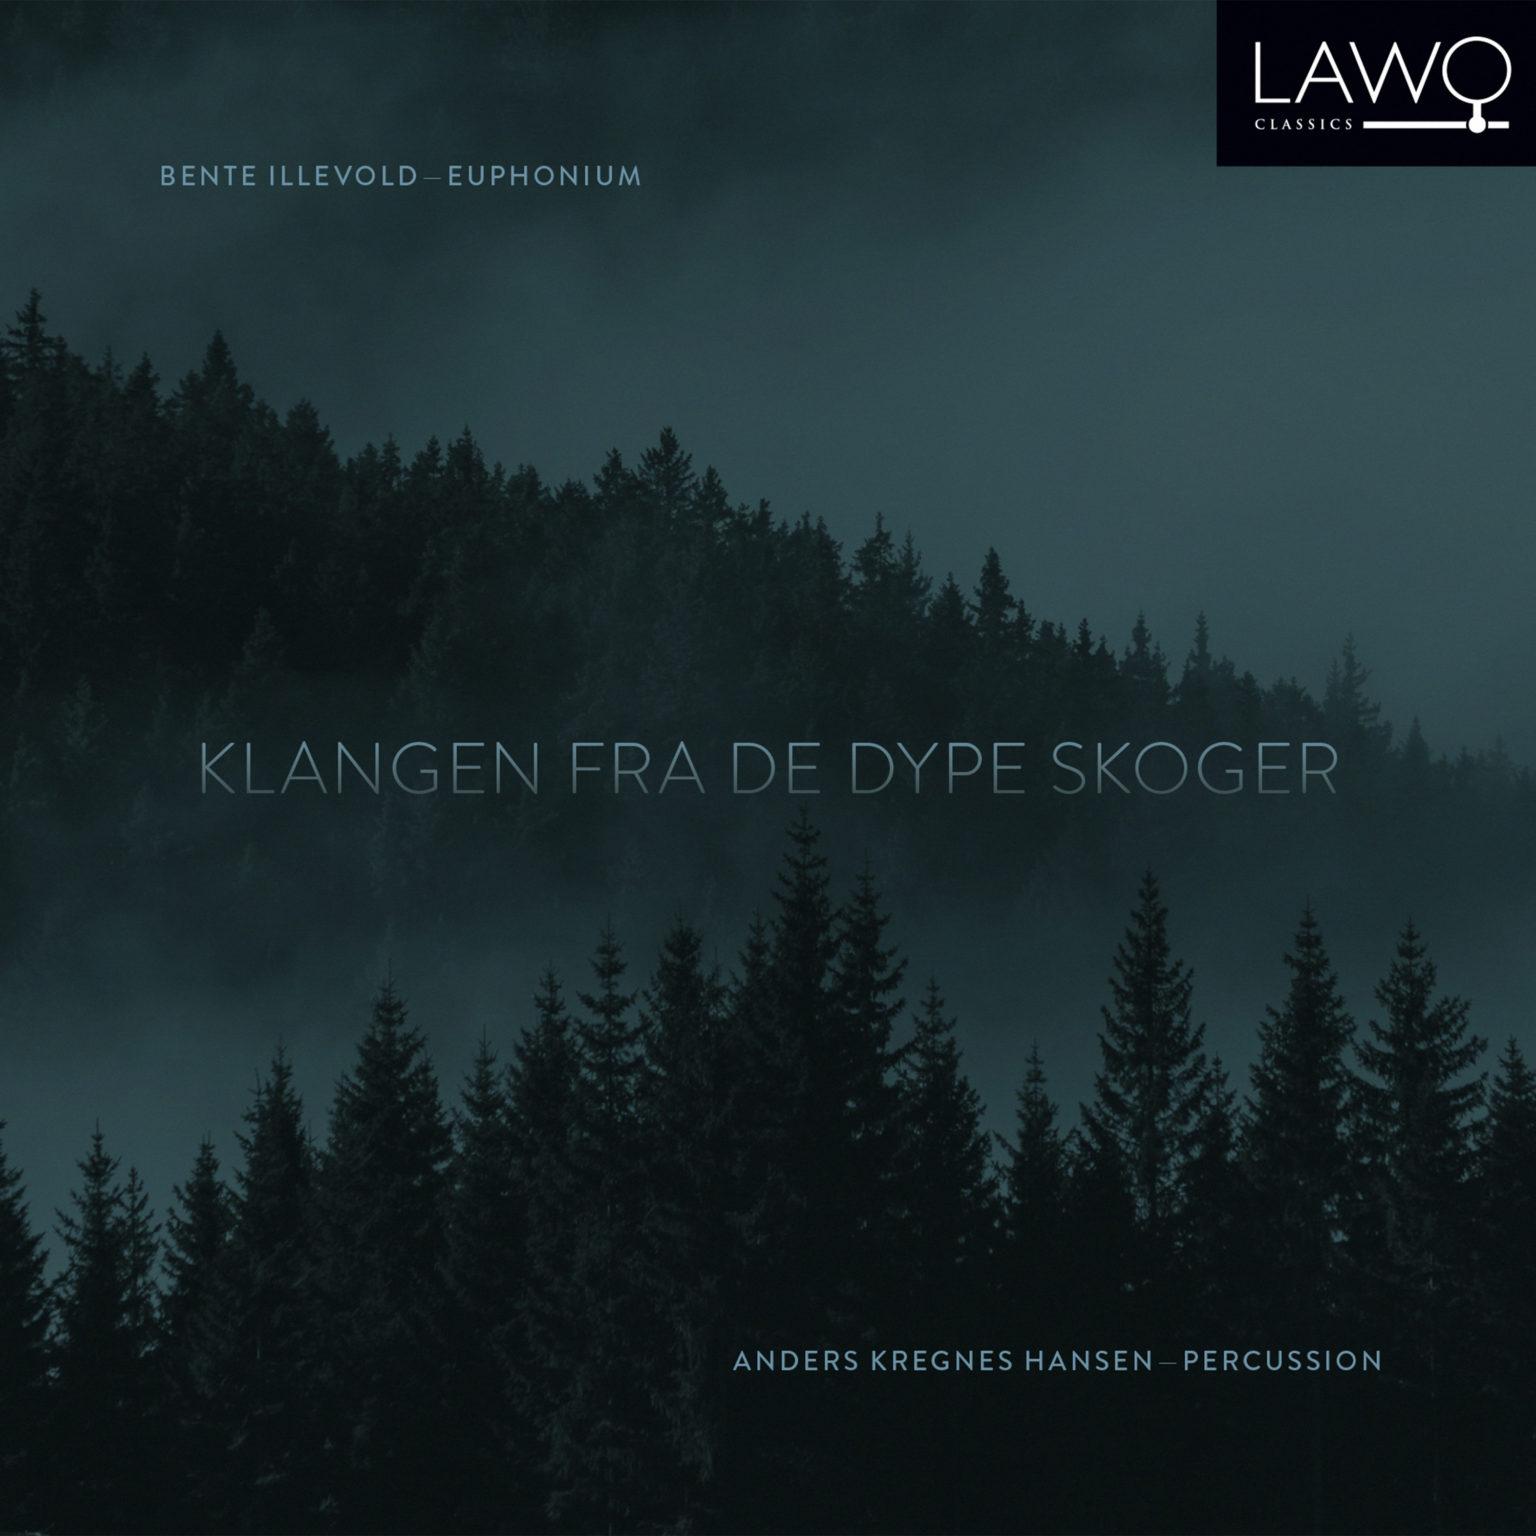 Click image for larger version.  Name:LWC1195_Bente_Illevold_Klangen_fra_de_dype_skoger_cover_3000x3000px-1536x1536.jpg Views:865 Size:174.8 KB ID:7720